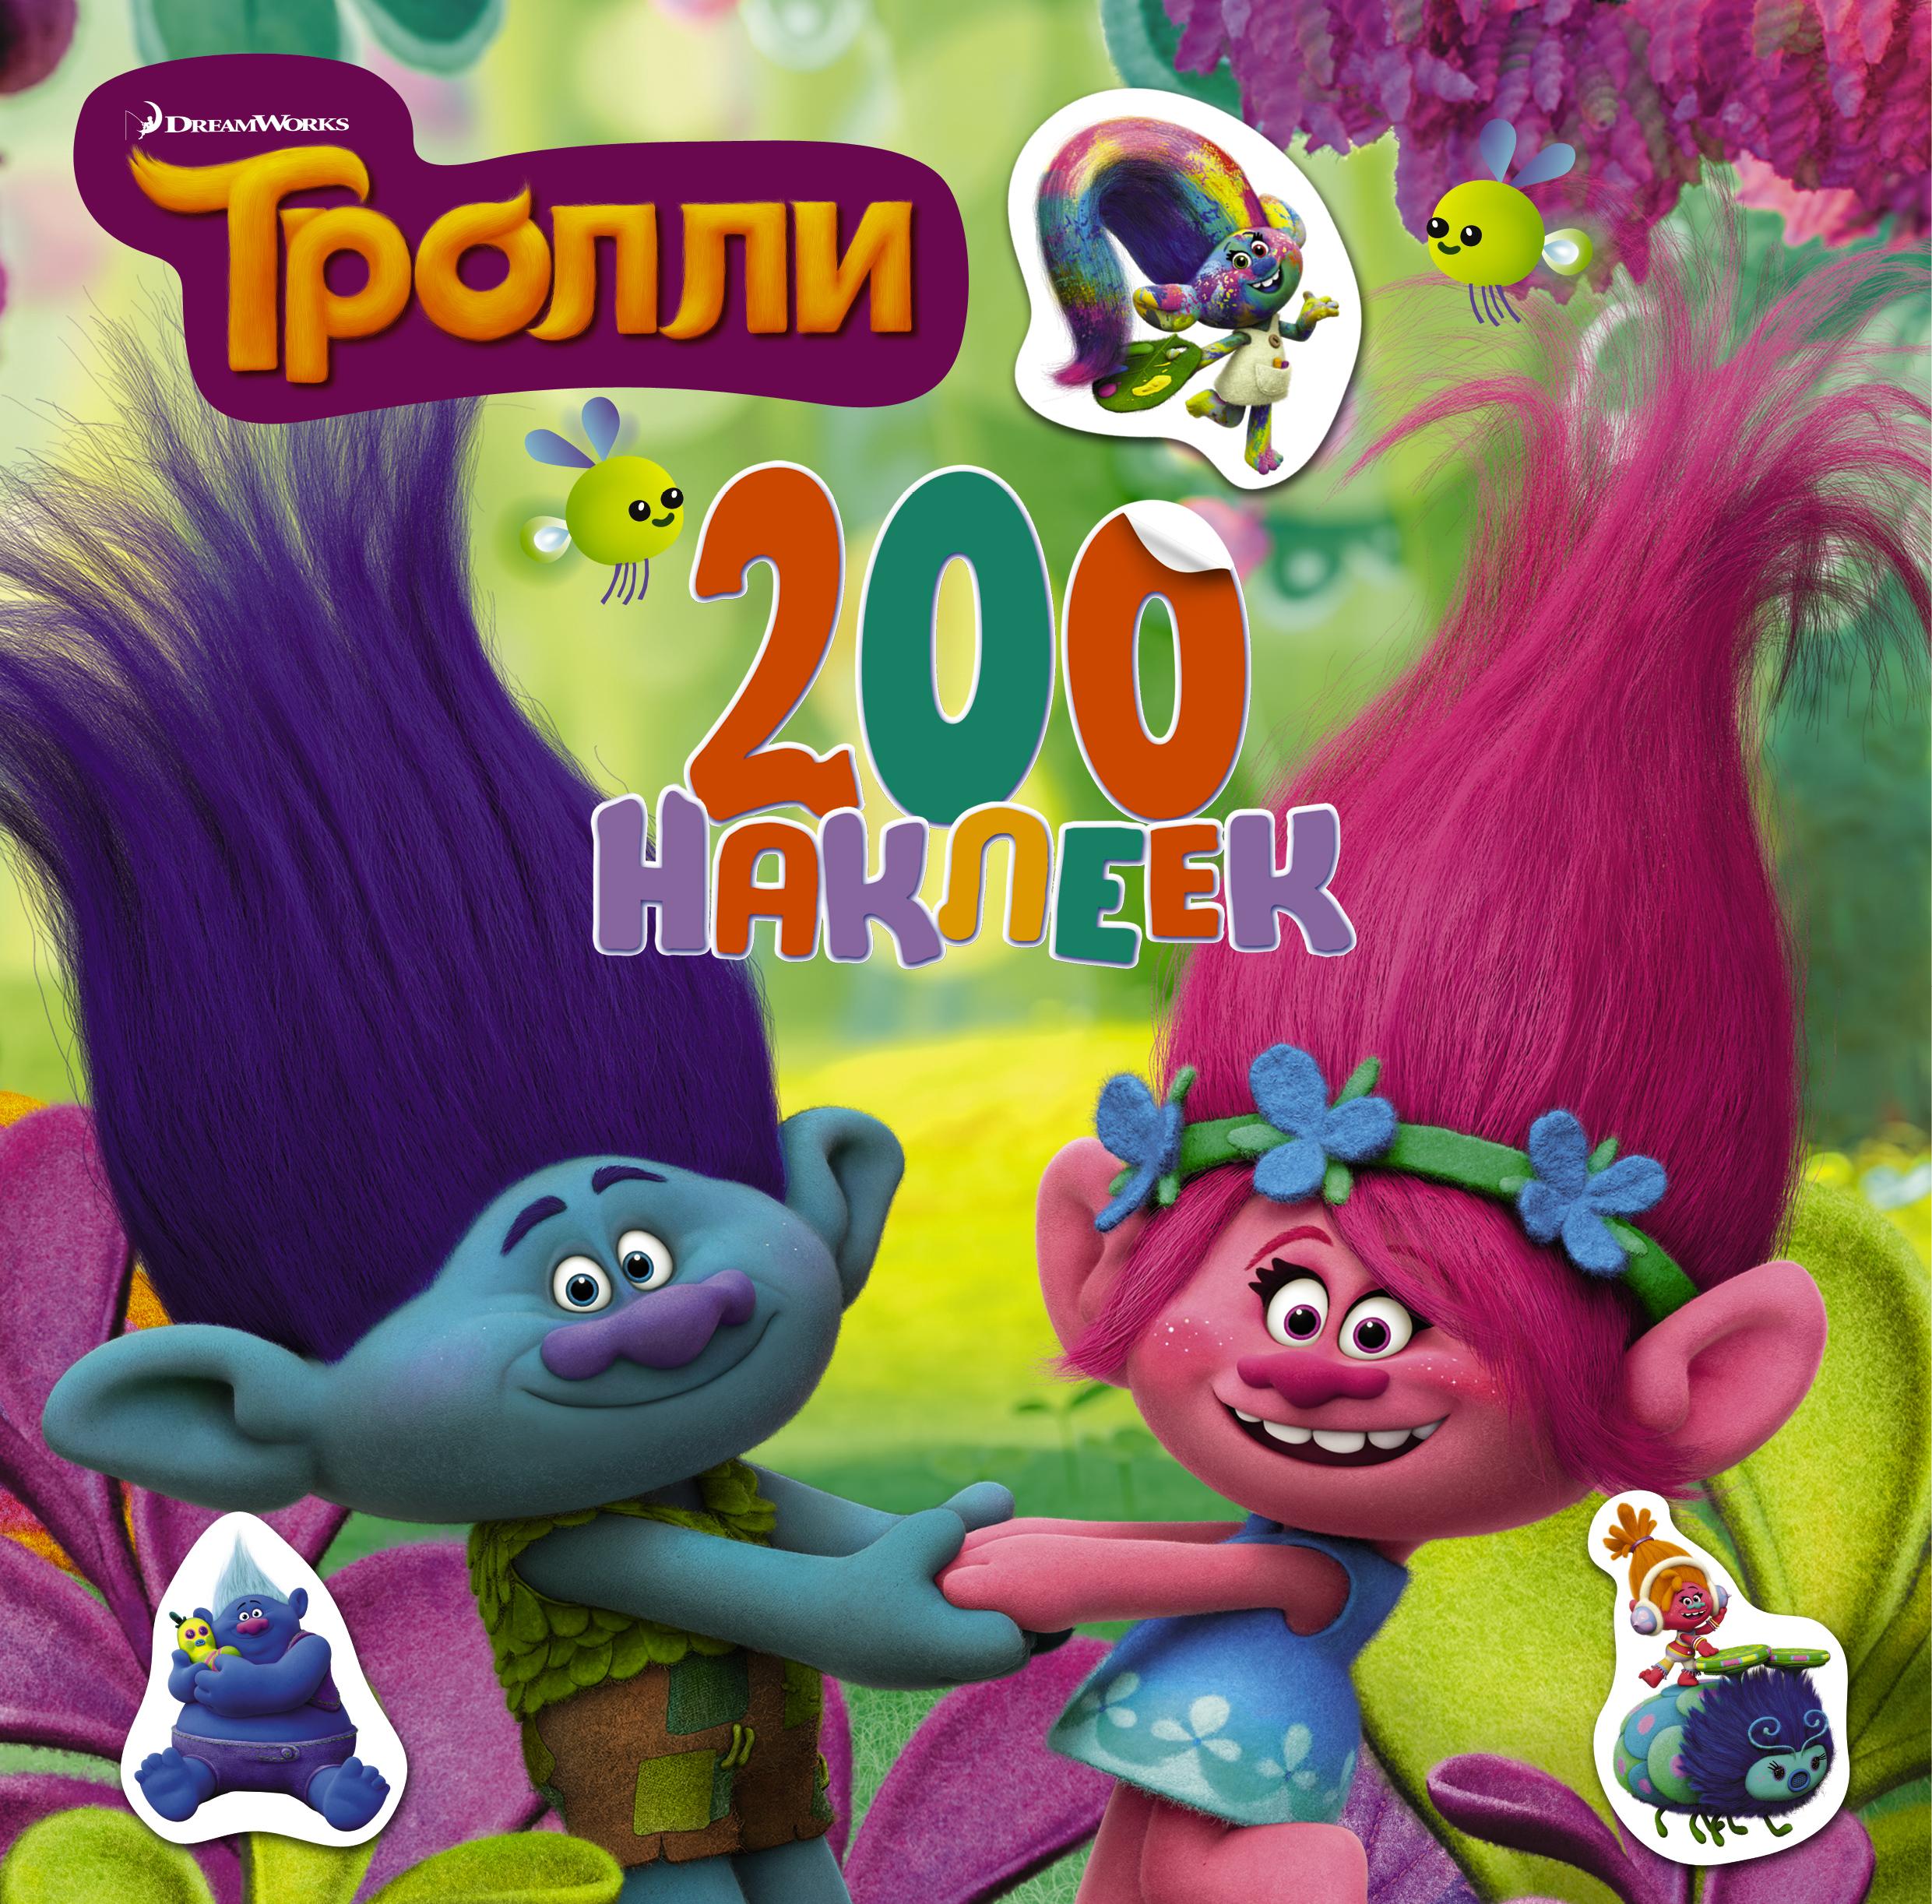 Тролли. 200 наклеек (2-е оформление зеленый)